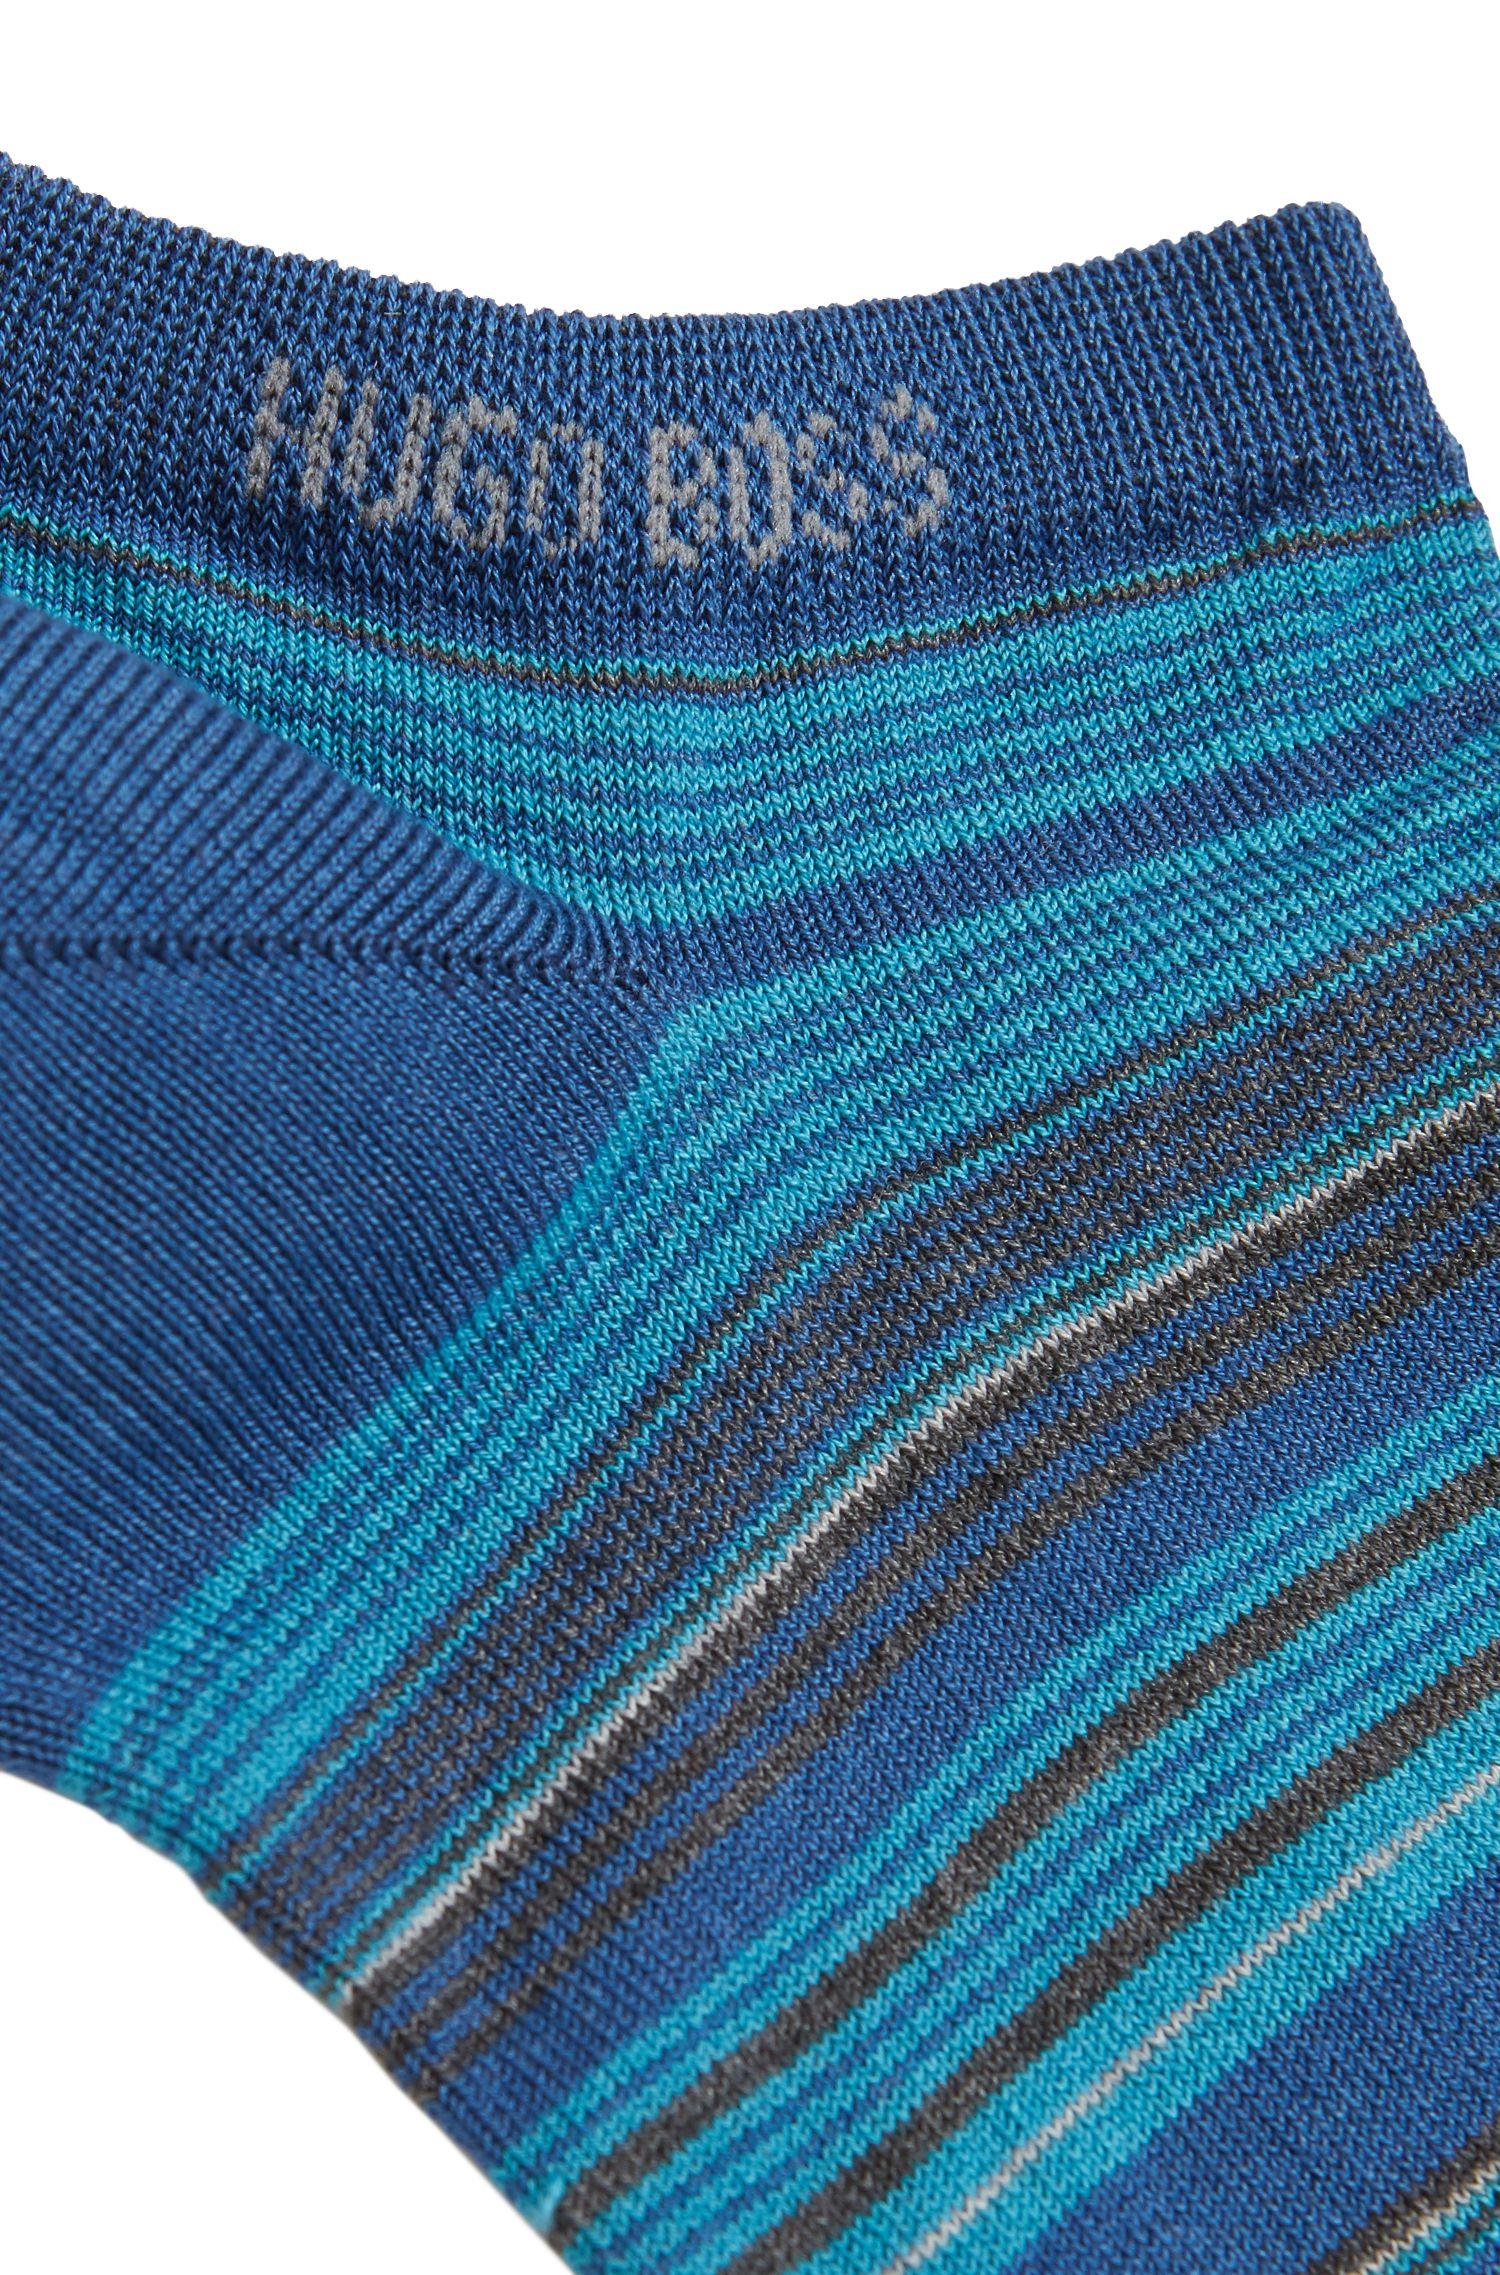 Socquettes à rayures en coton mélangé mercerisé